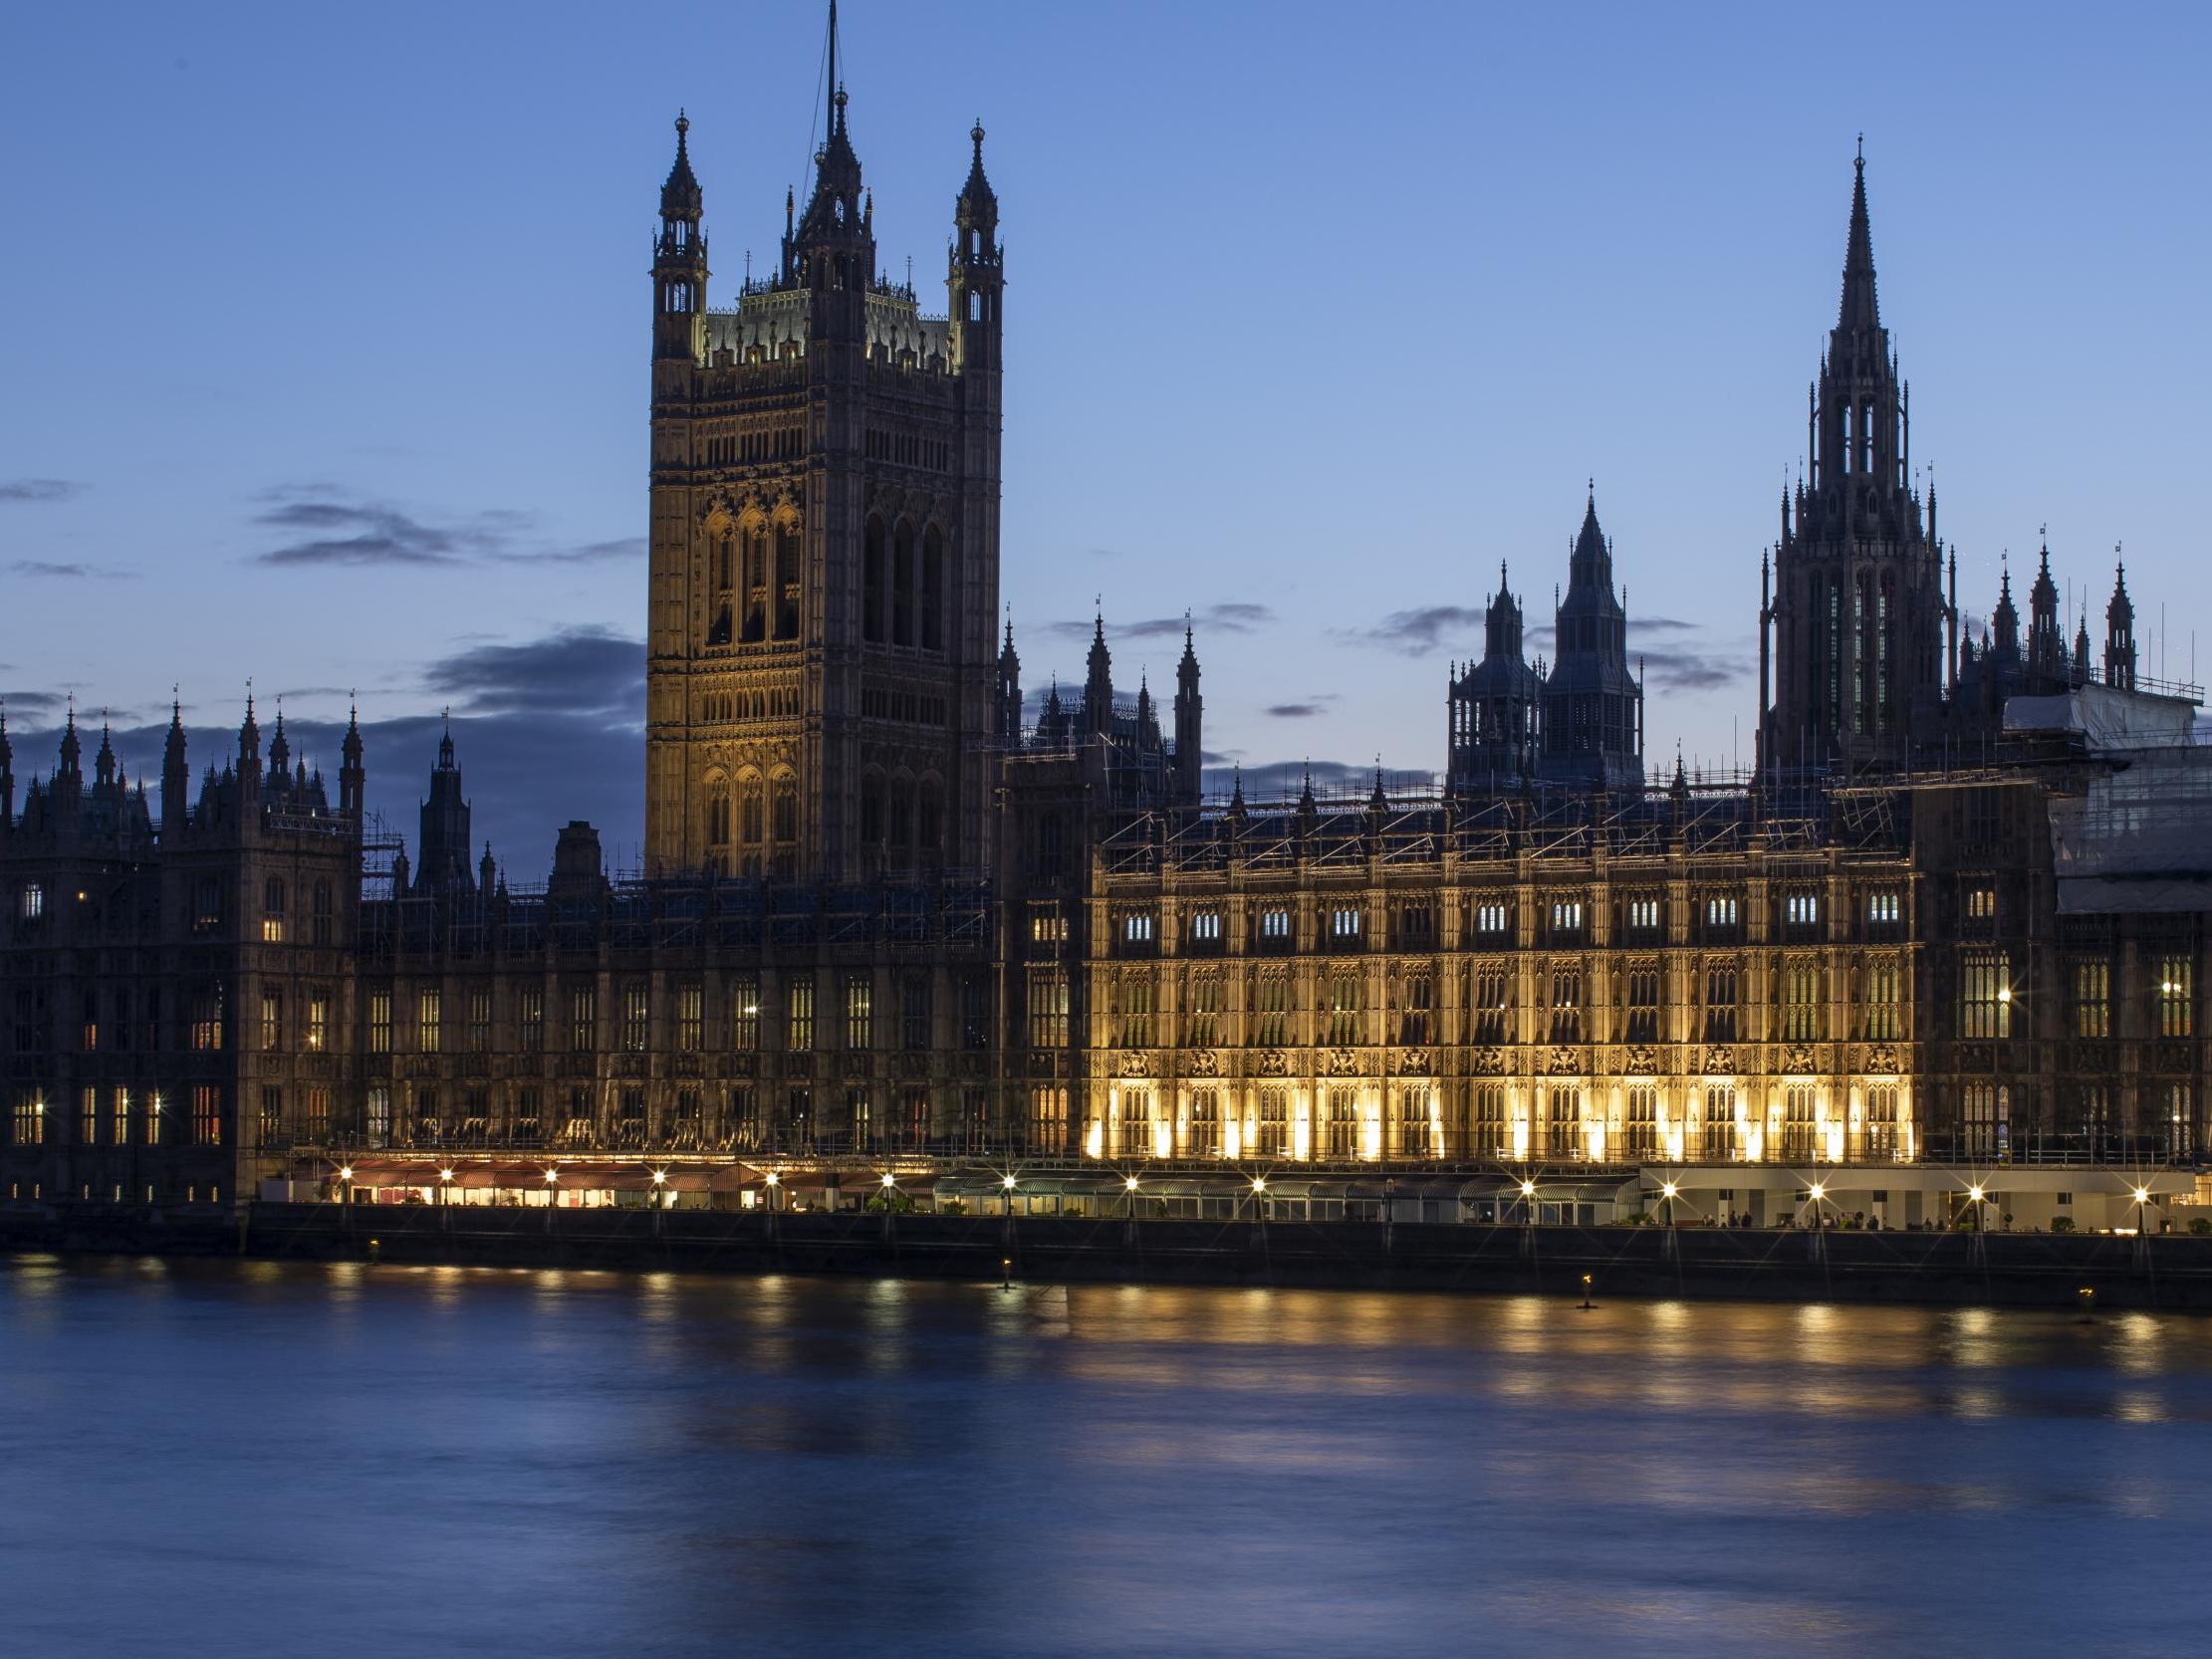 UK Conservative MP arrested over rape allegations